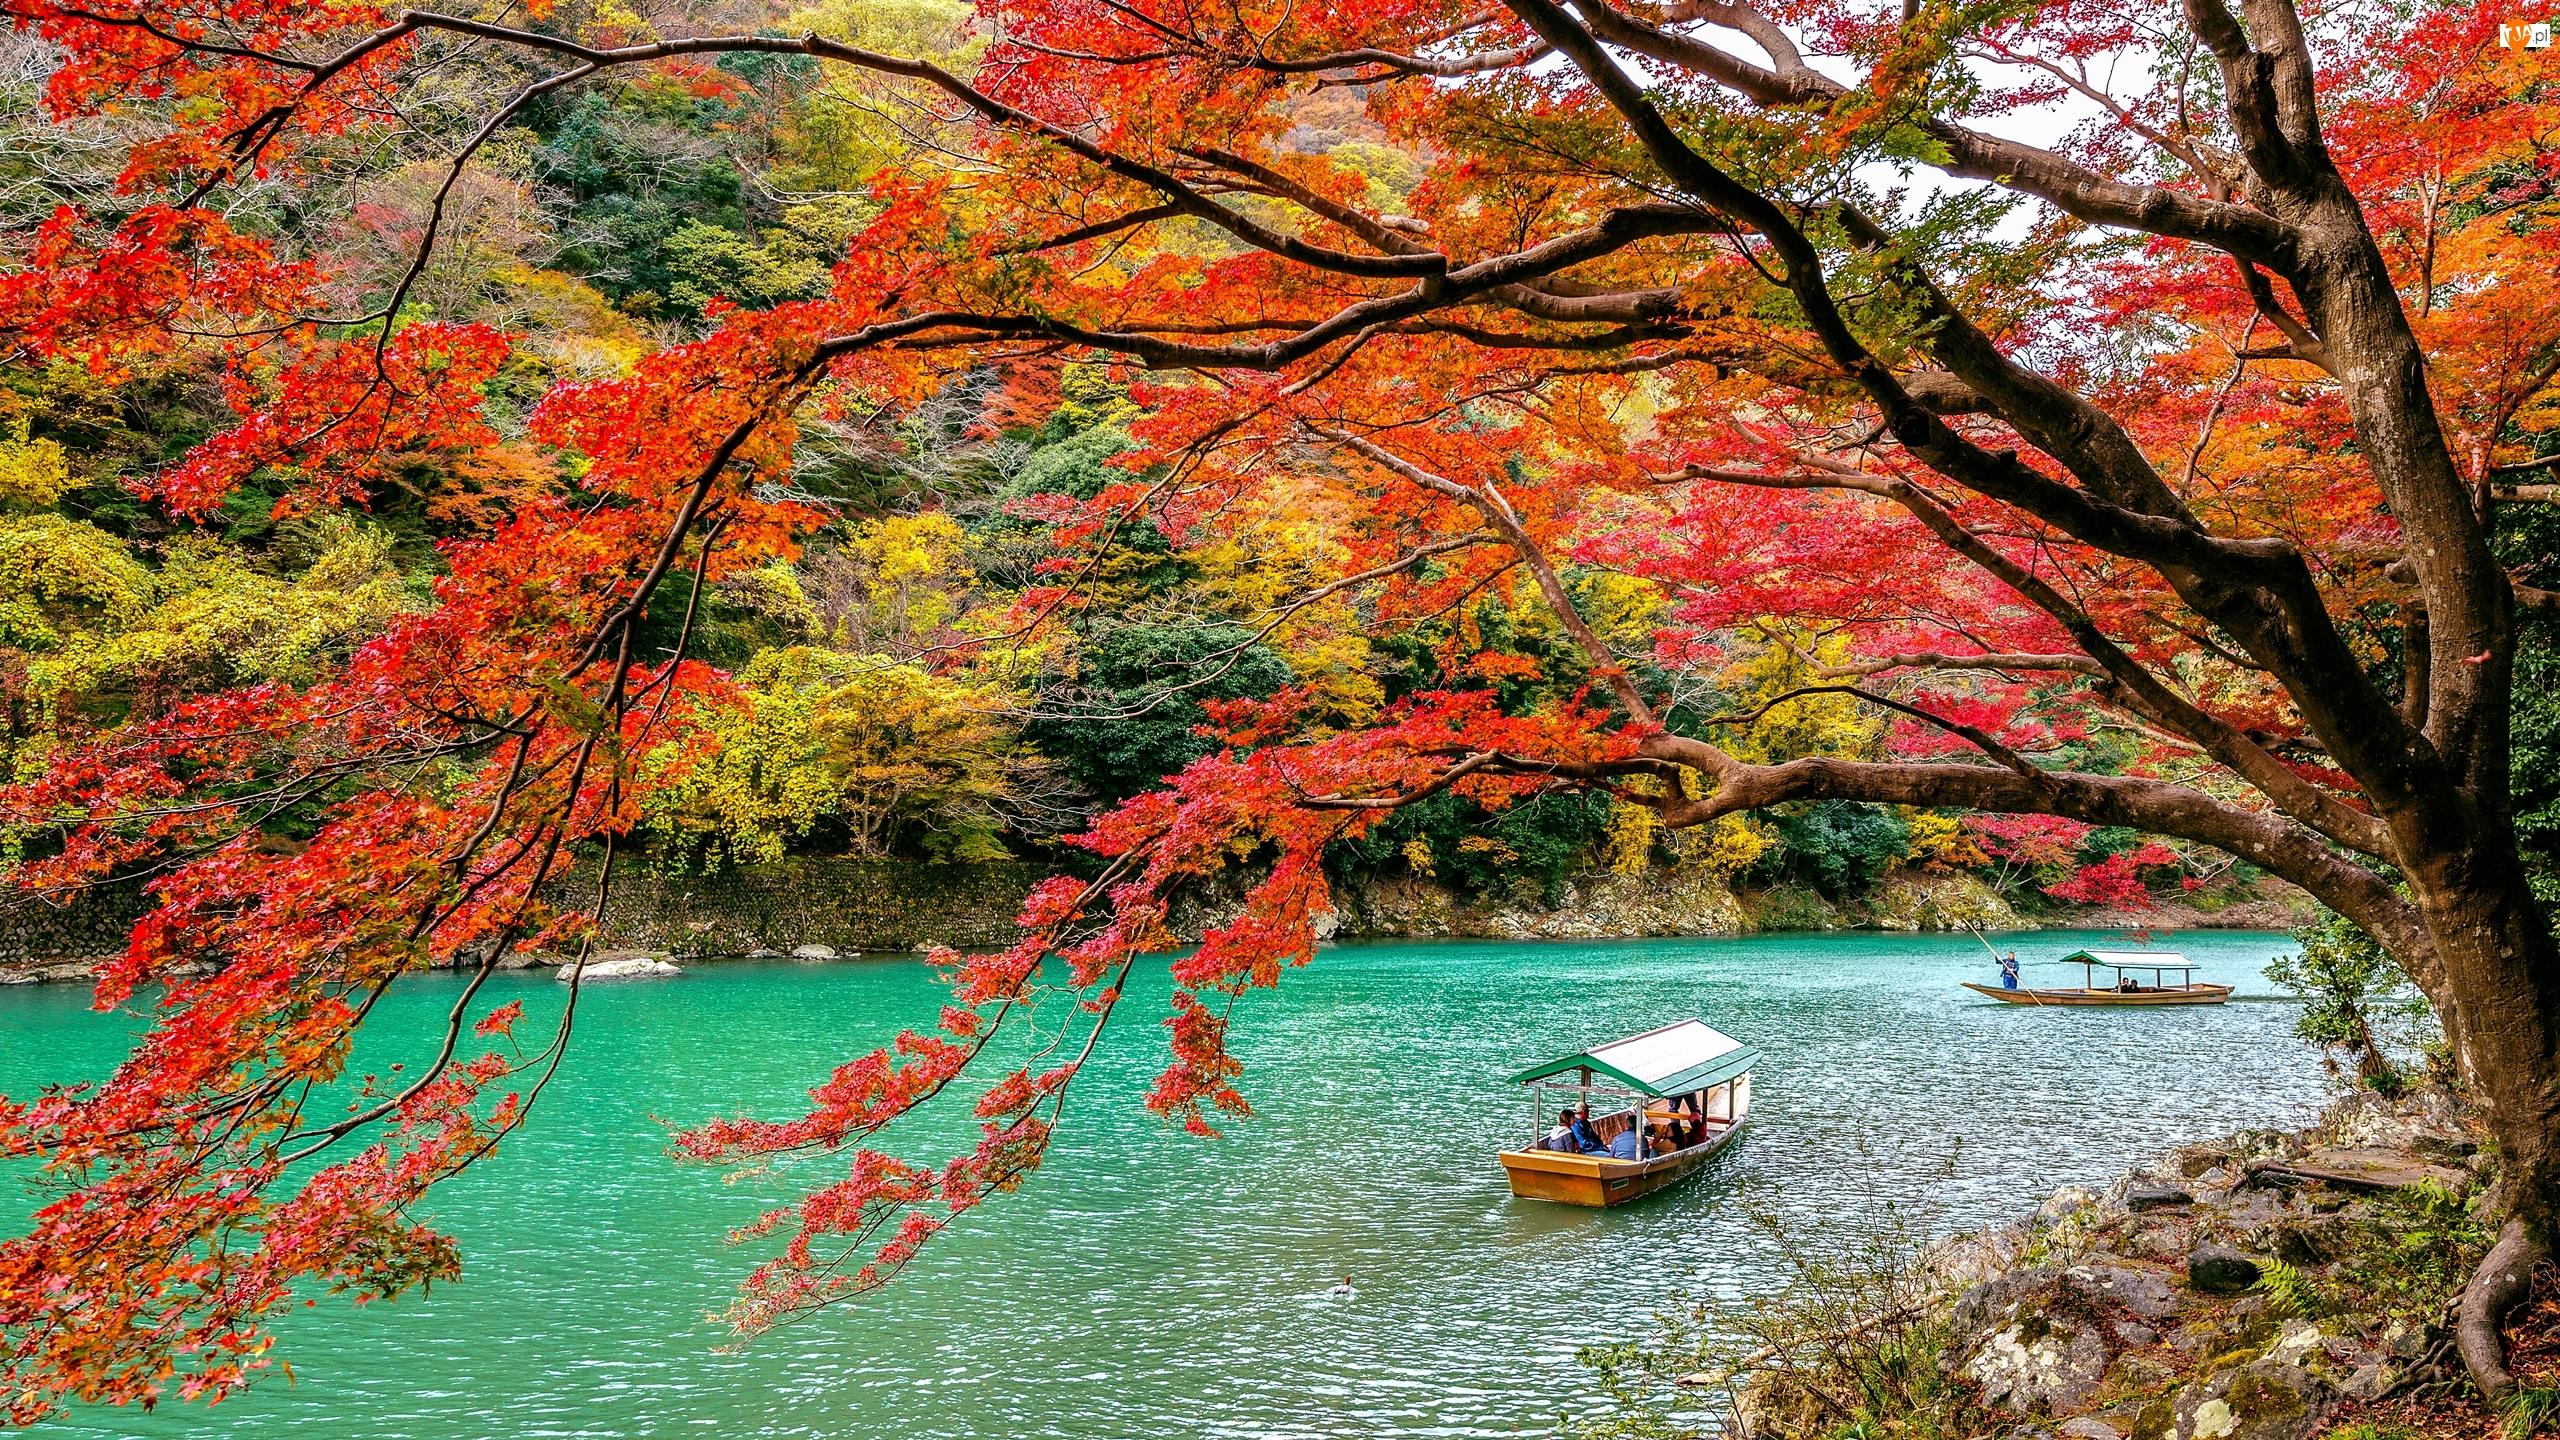 Łódki, Kolorowe, Japonia, Rzeka Hozu, Kioto, Dzielnica Arashiyama, Drzewa